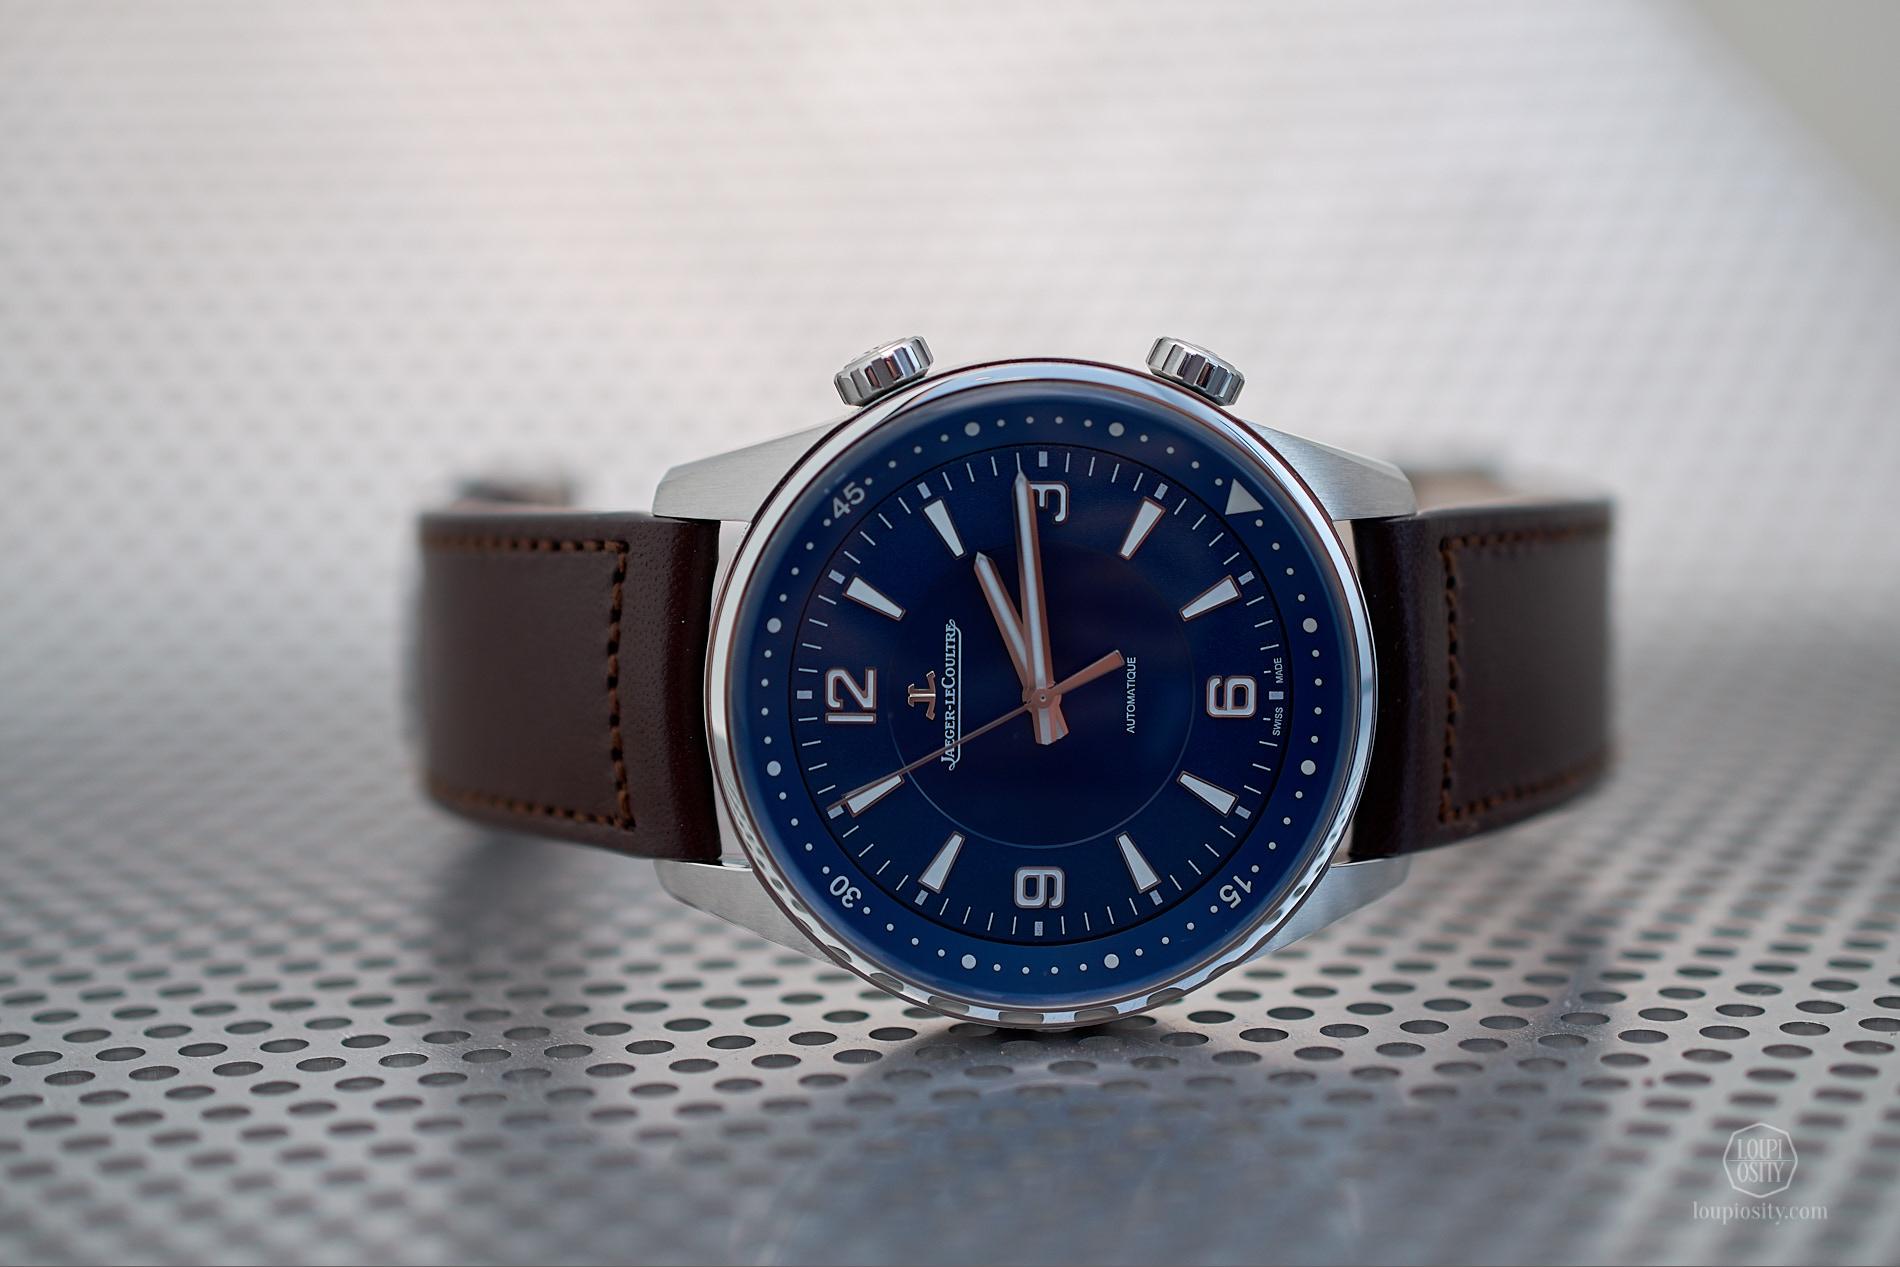 Jaeger-LeCoultre Polaris Automatic - Blue